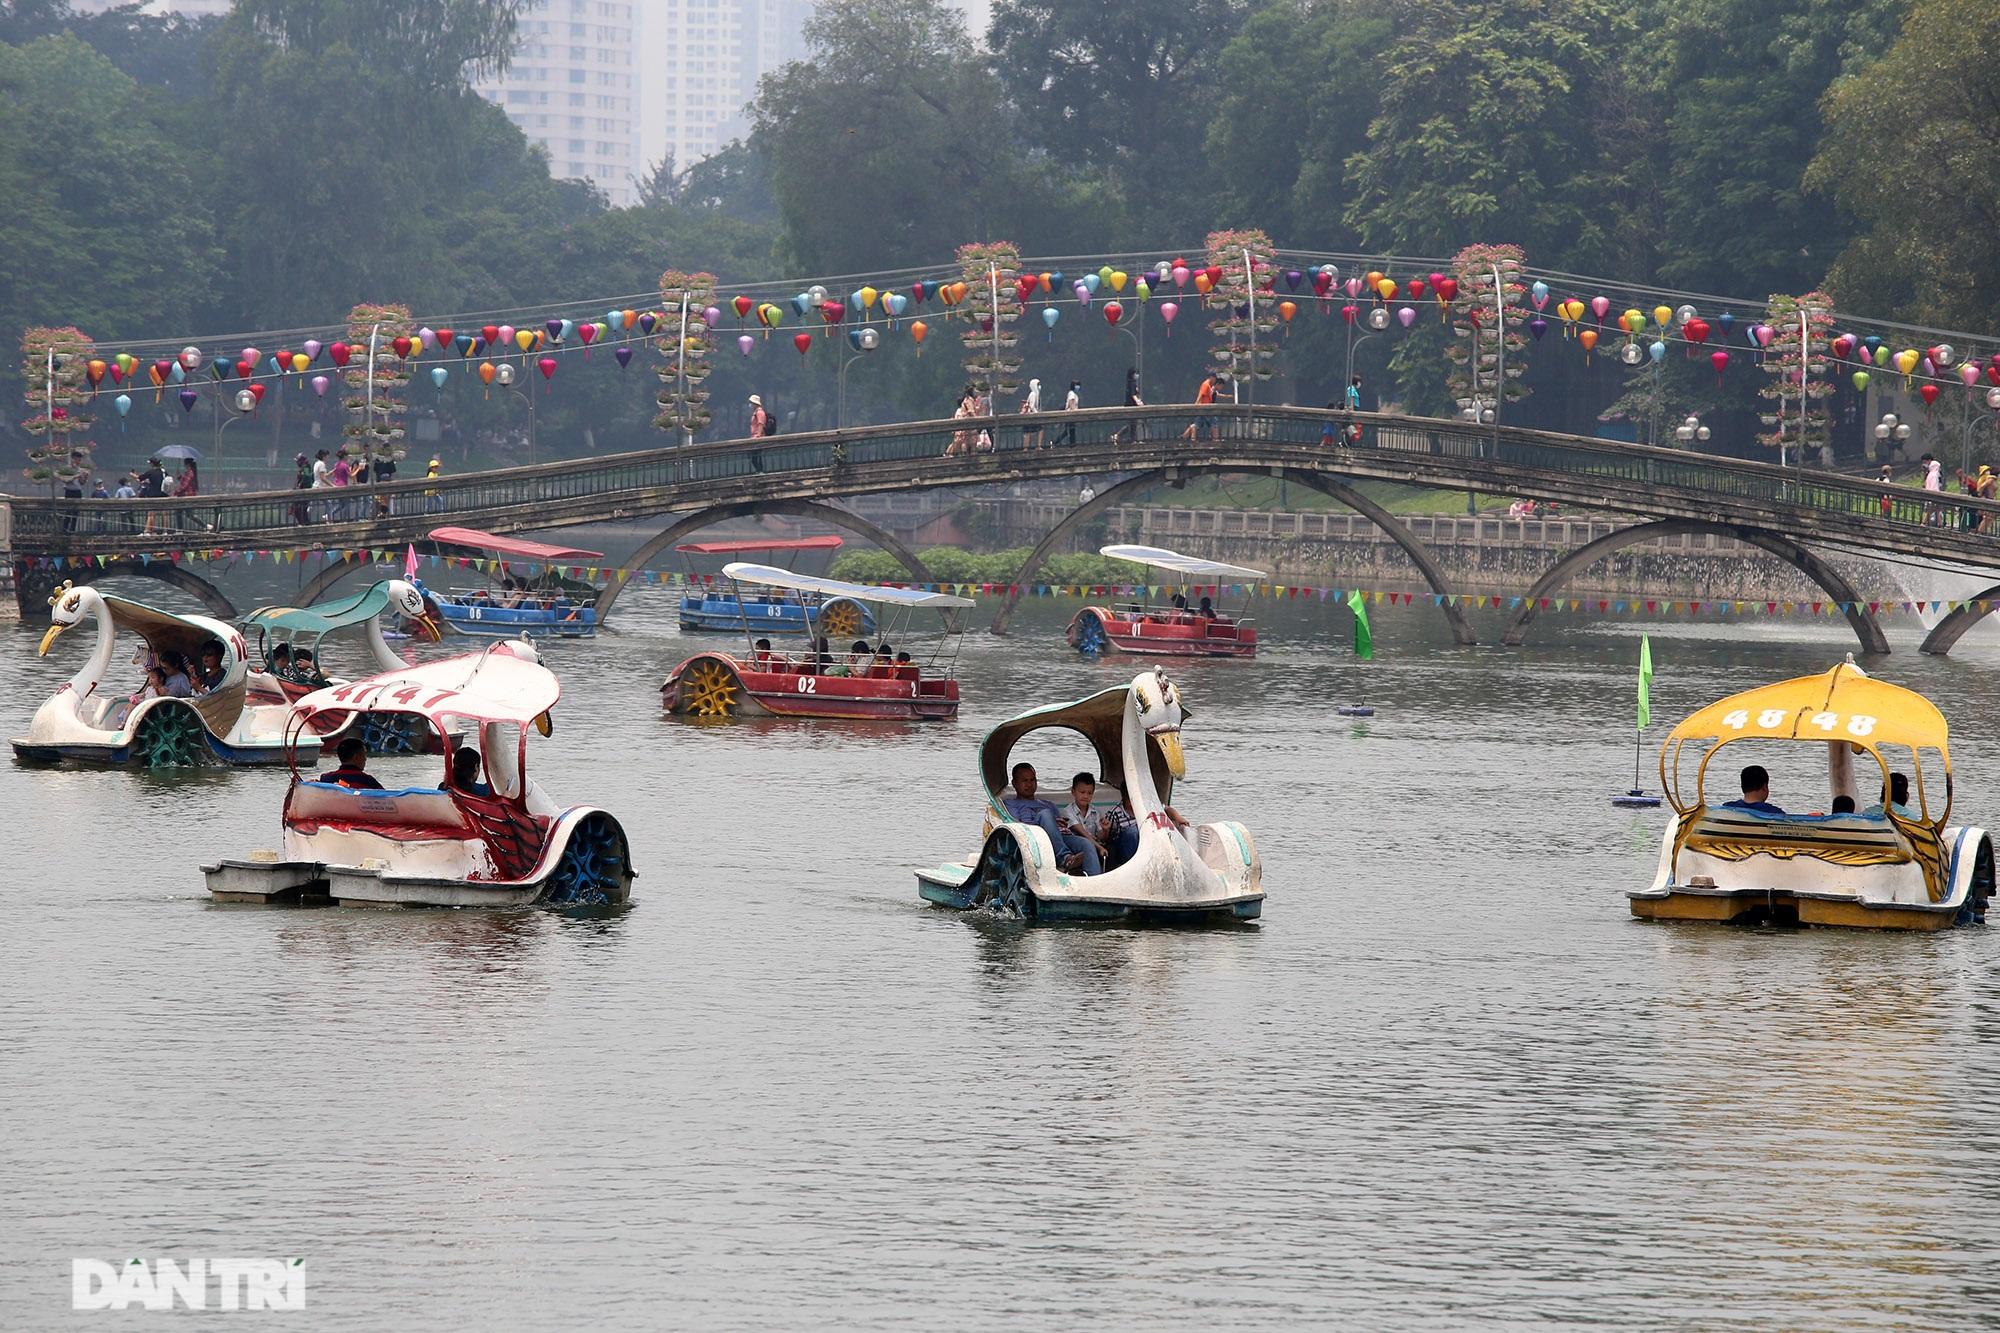 Mặc dù lo ngại dịch Covid-19, nhiều điểm vui chơi ở Hà Nội vẫn đông khách - 9